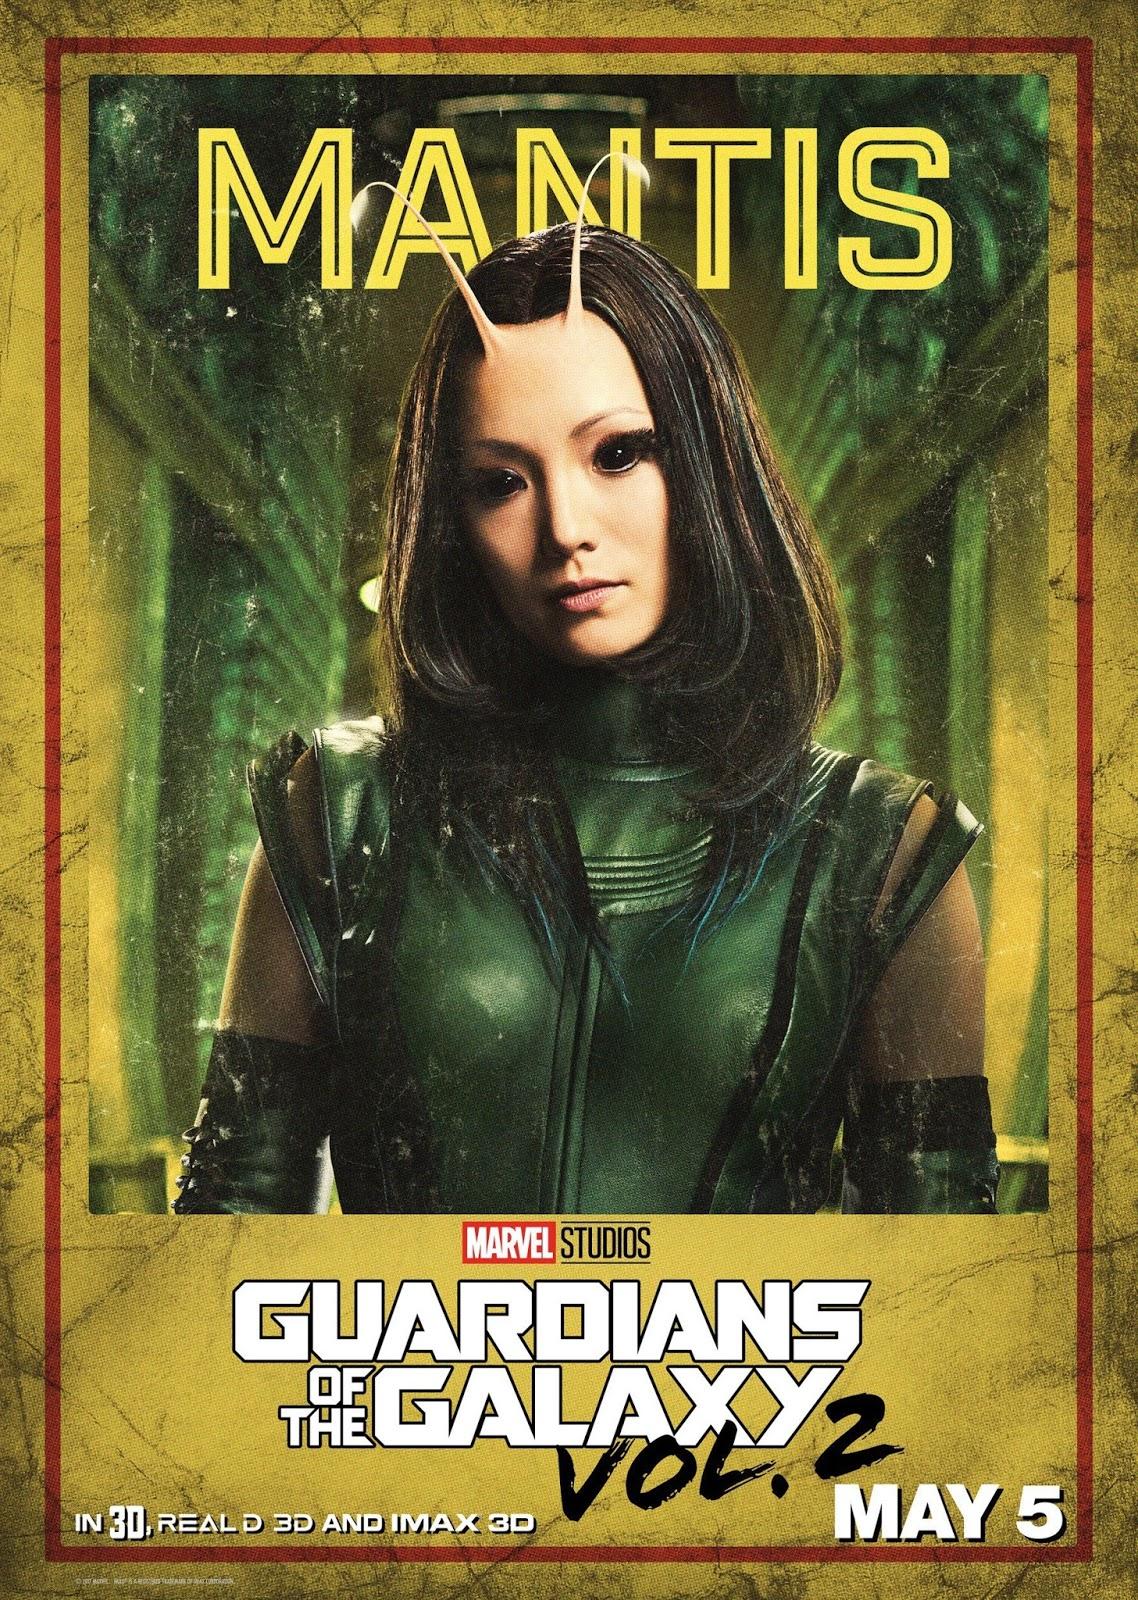 Стражи Галактики Часть 2, Guardians of the Galaxy Vol 2, Мантис, Mantis